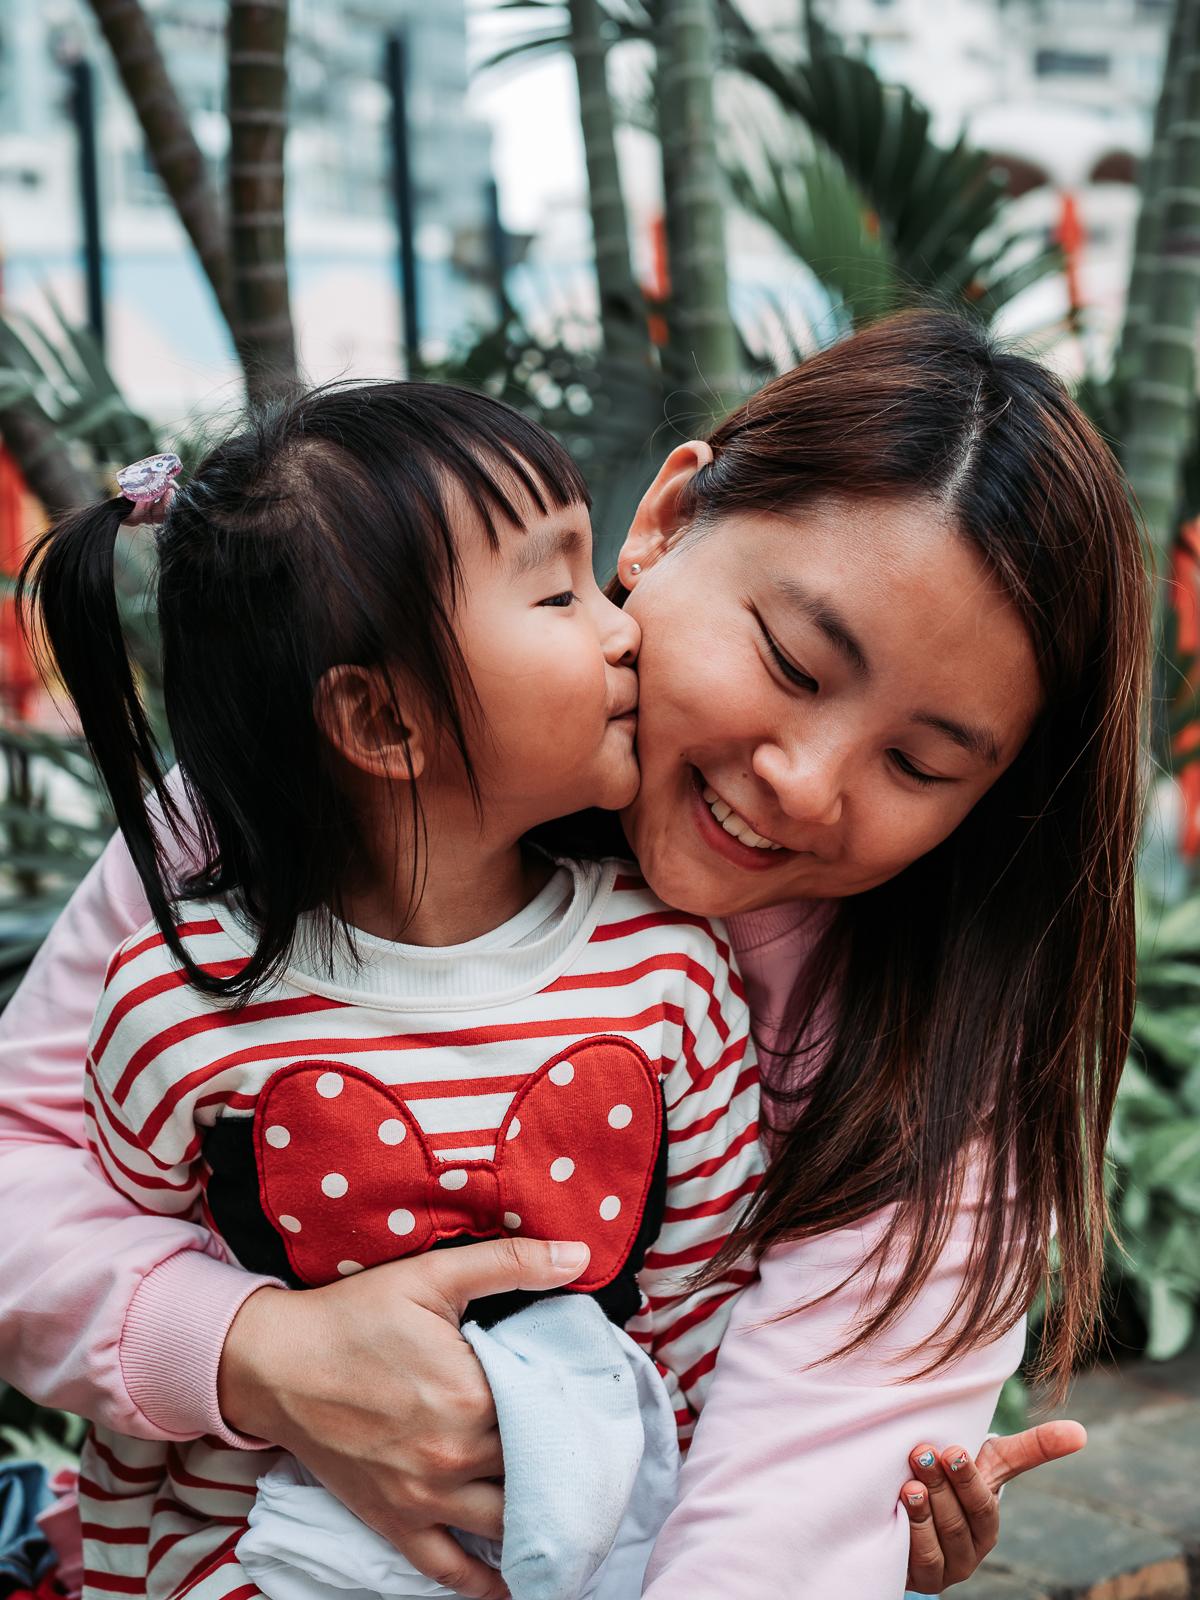 CWKOON Macau Family Portrait - Olympus EM1 Markii 2512 - Yes! Please Enjoy by Fanning Tseng-29.jpg